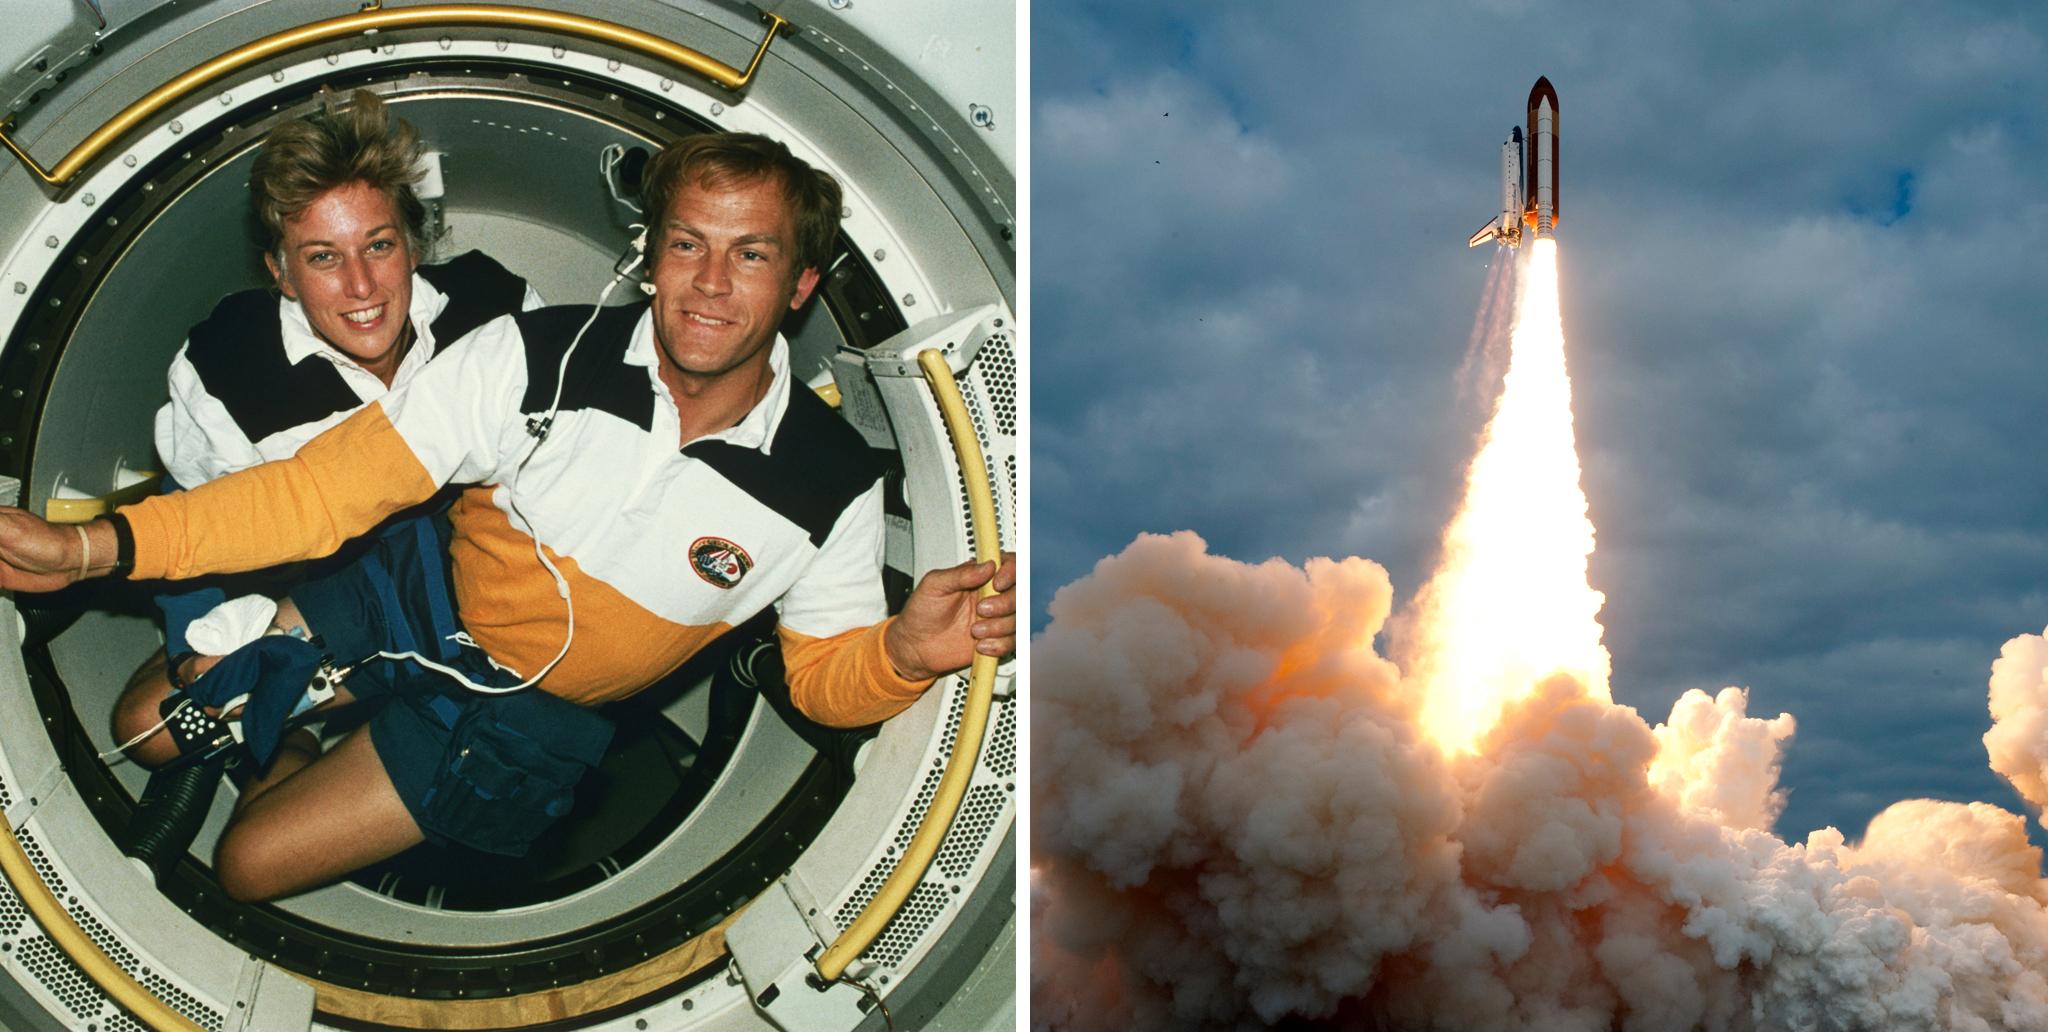 Занимаются ли космонавты в космосе сексом